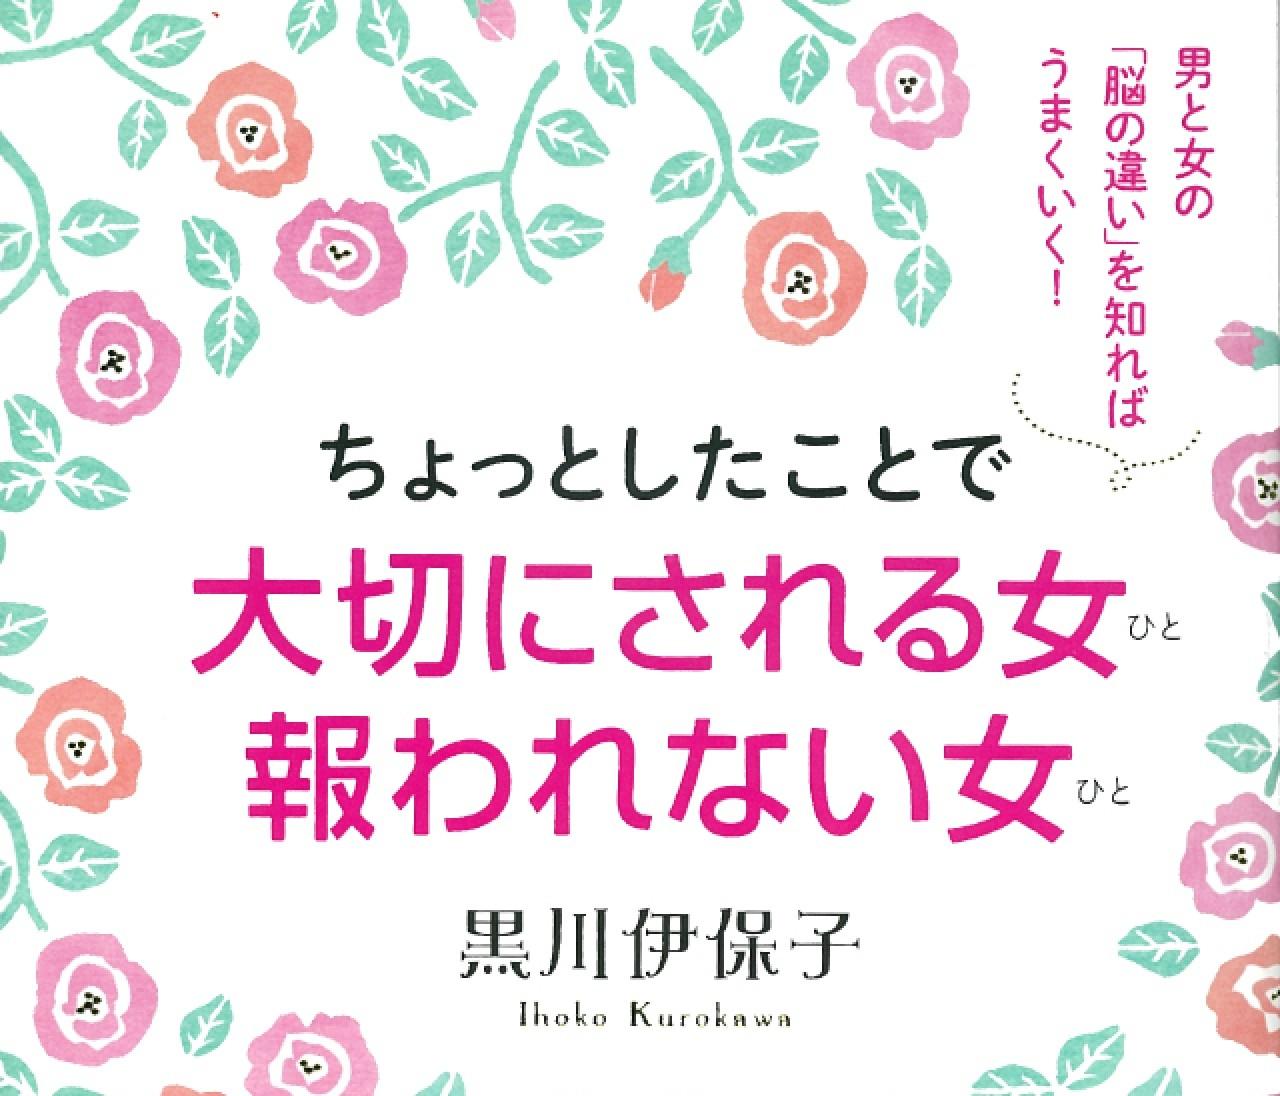 男女脳のスペシャリスト、黒川先生が最高に面白い!!